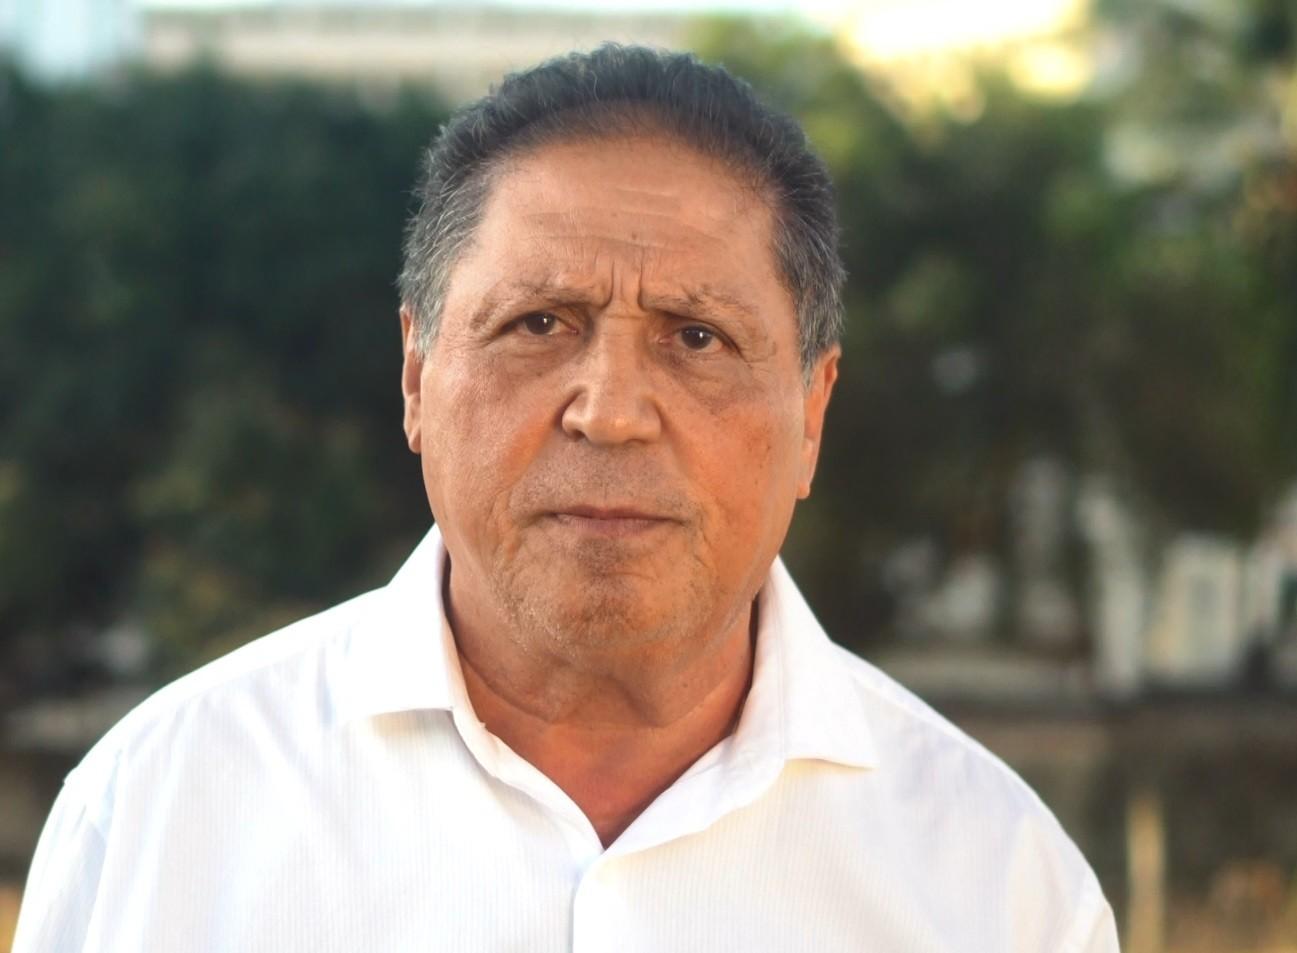 PP oficializa candidatura de Helcio Couto à Prefeitura de Cariacica